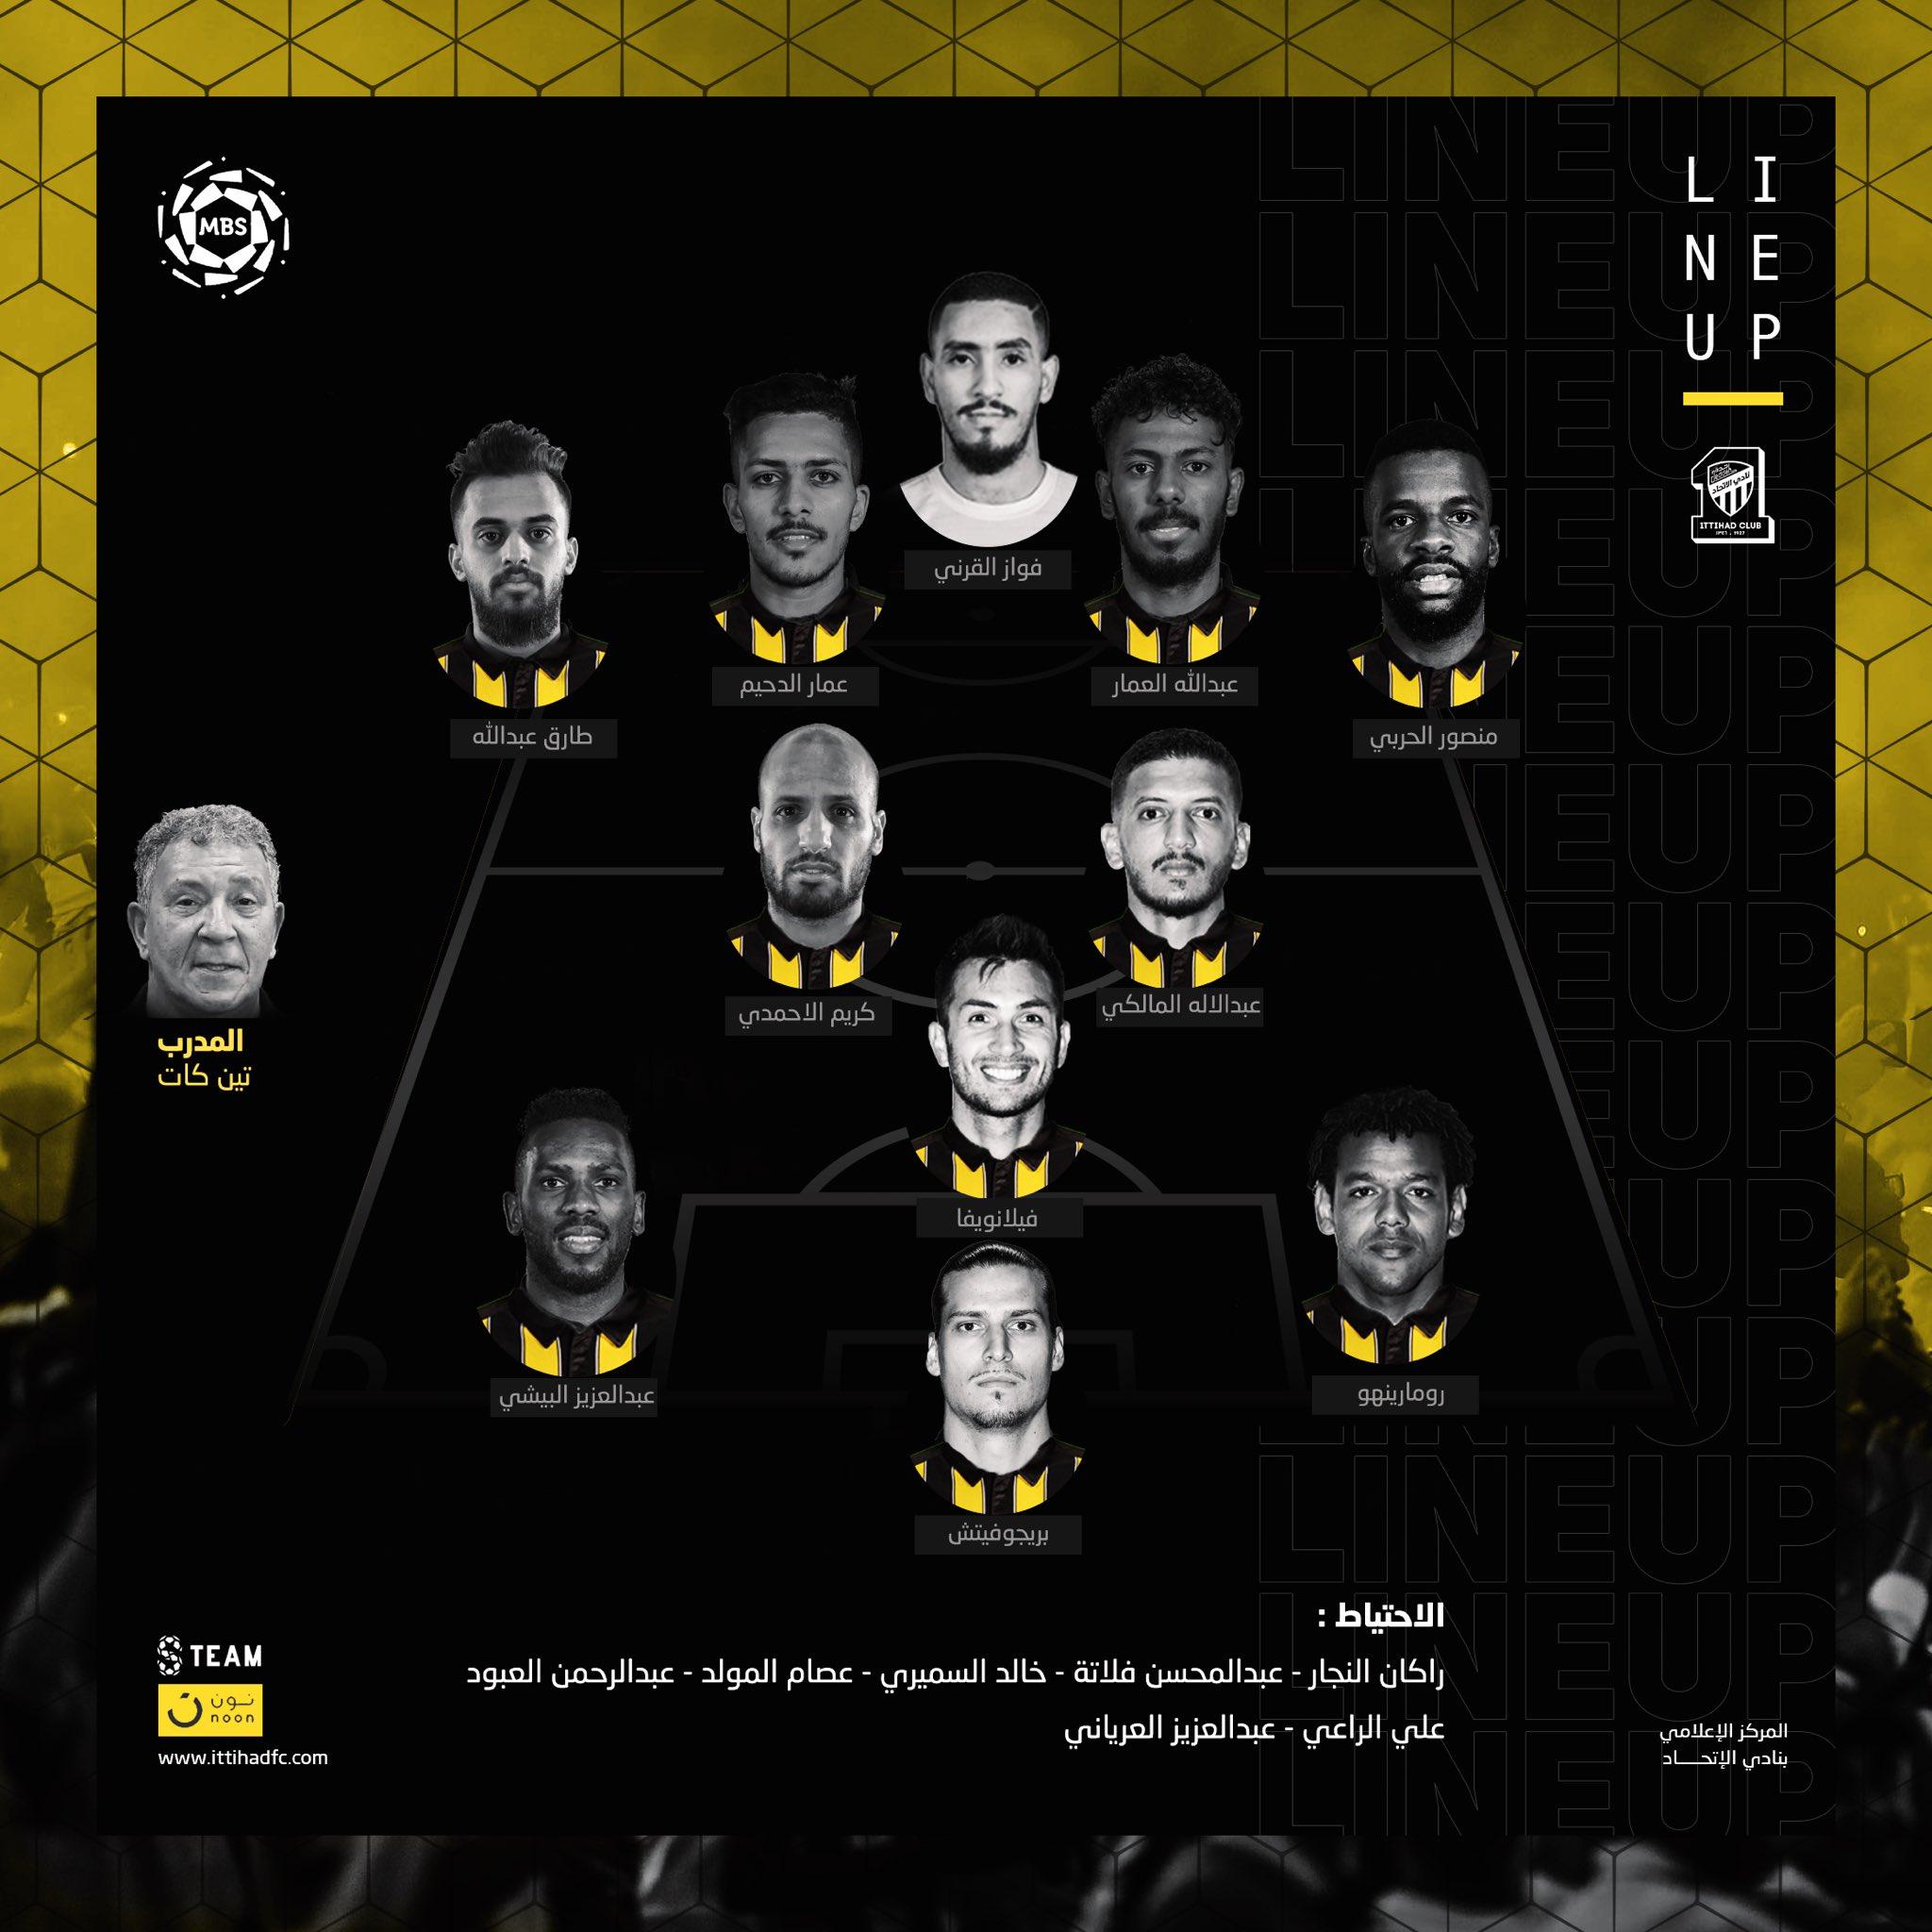 تشكيلة نادي الاتحاد في مباراة اليوم ضد الفيحاء سبورت 360